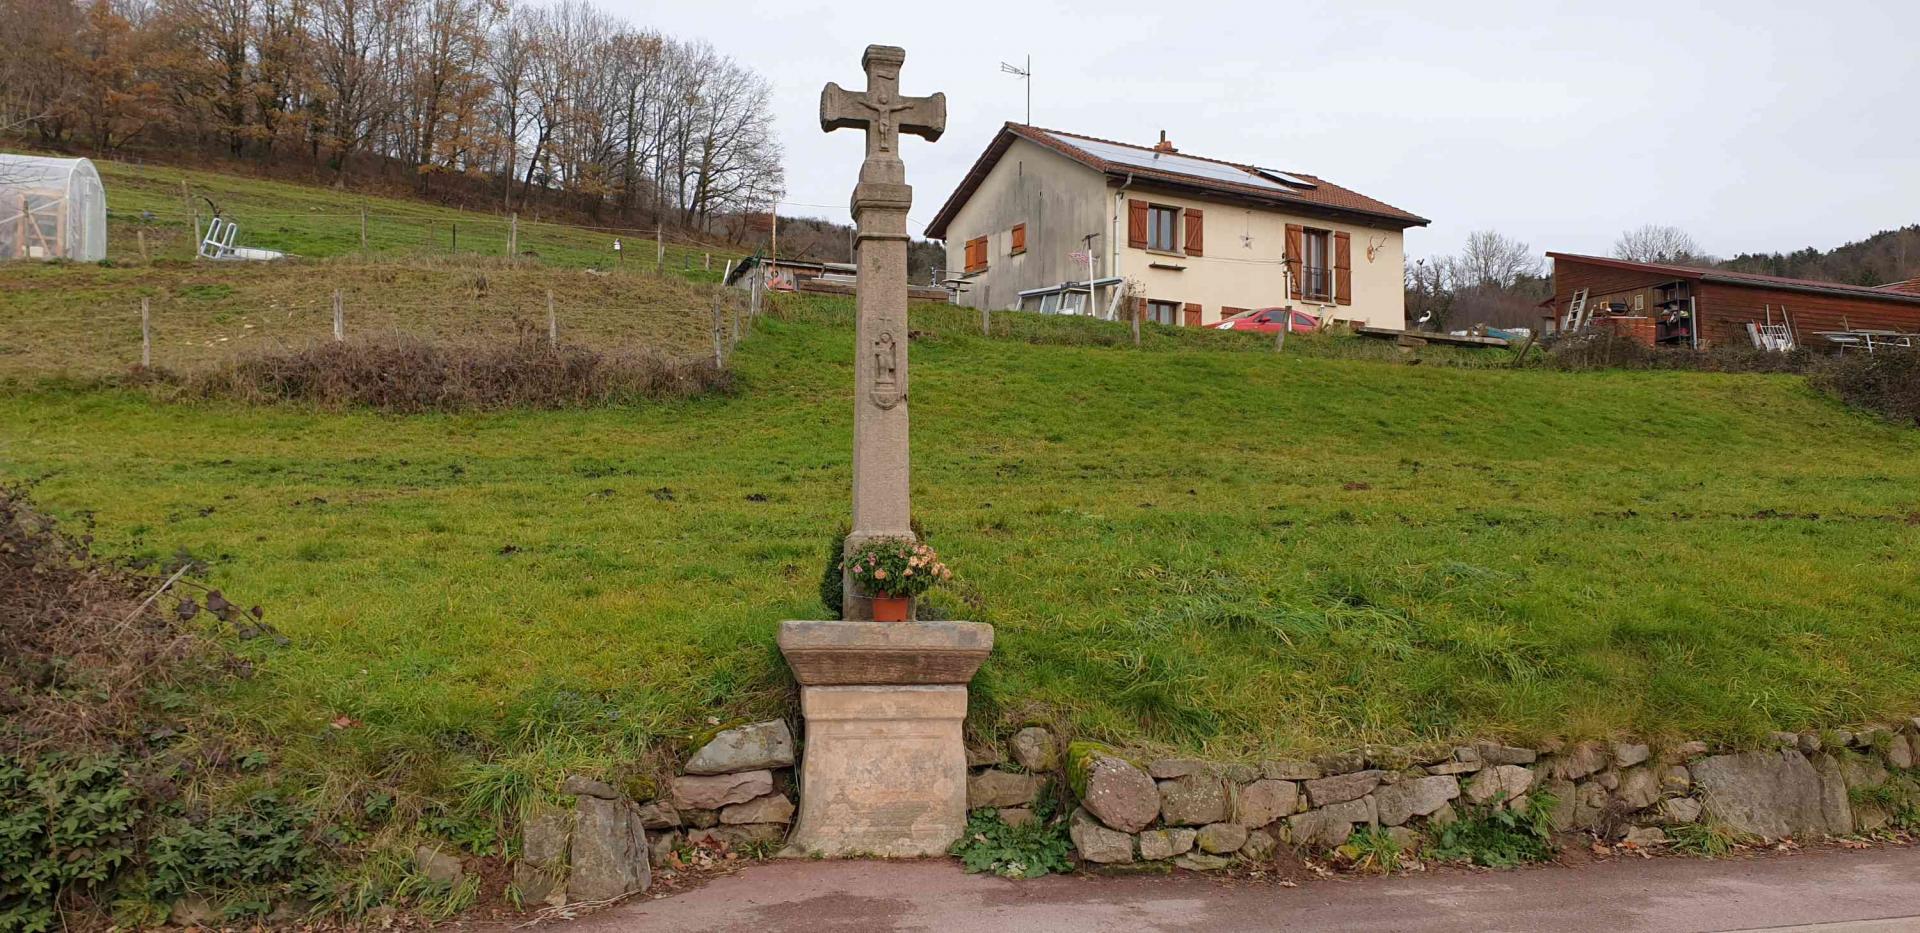 Croix rue de laveline 1